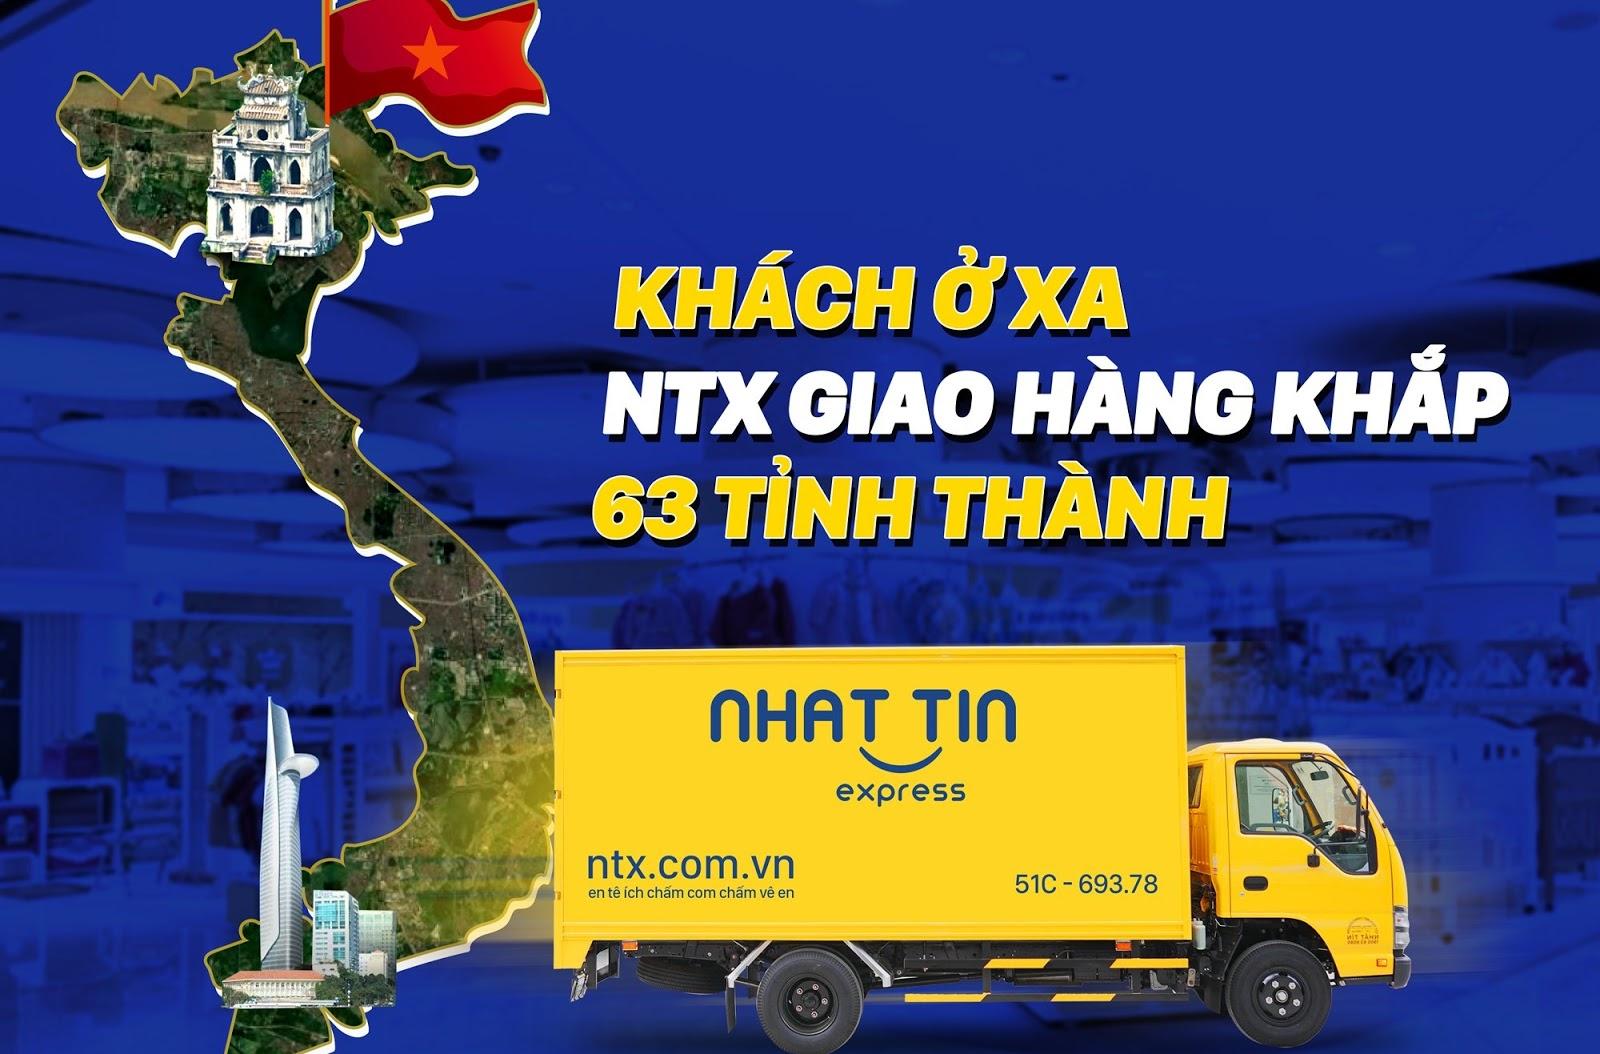 Chuyển phát tiêu chuẩn bằng xe máy tại NTX - Nhất Tín Express